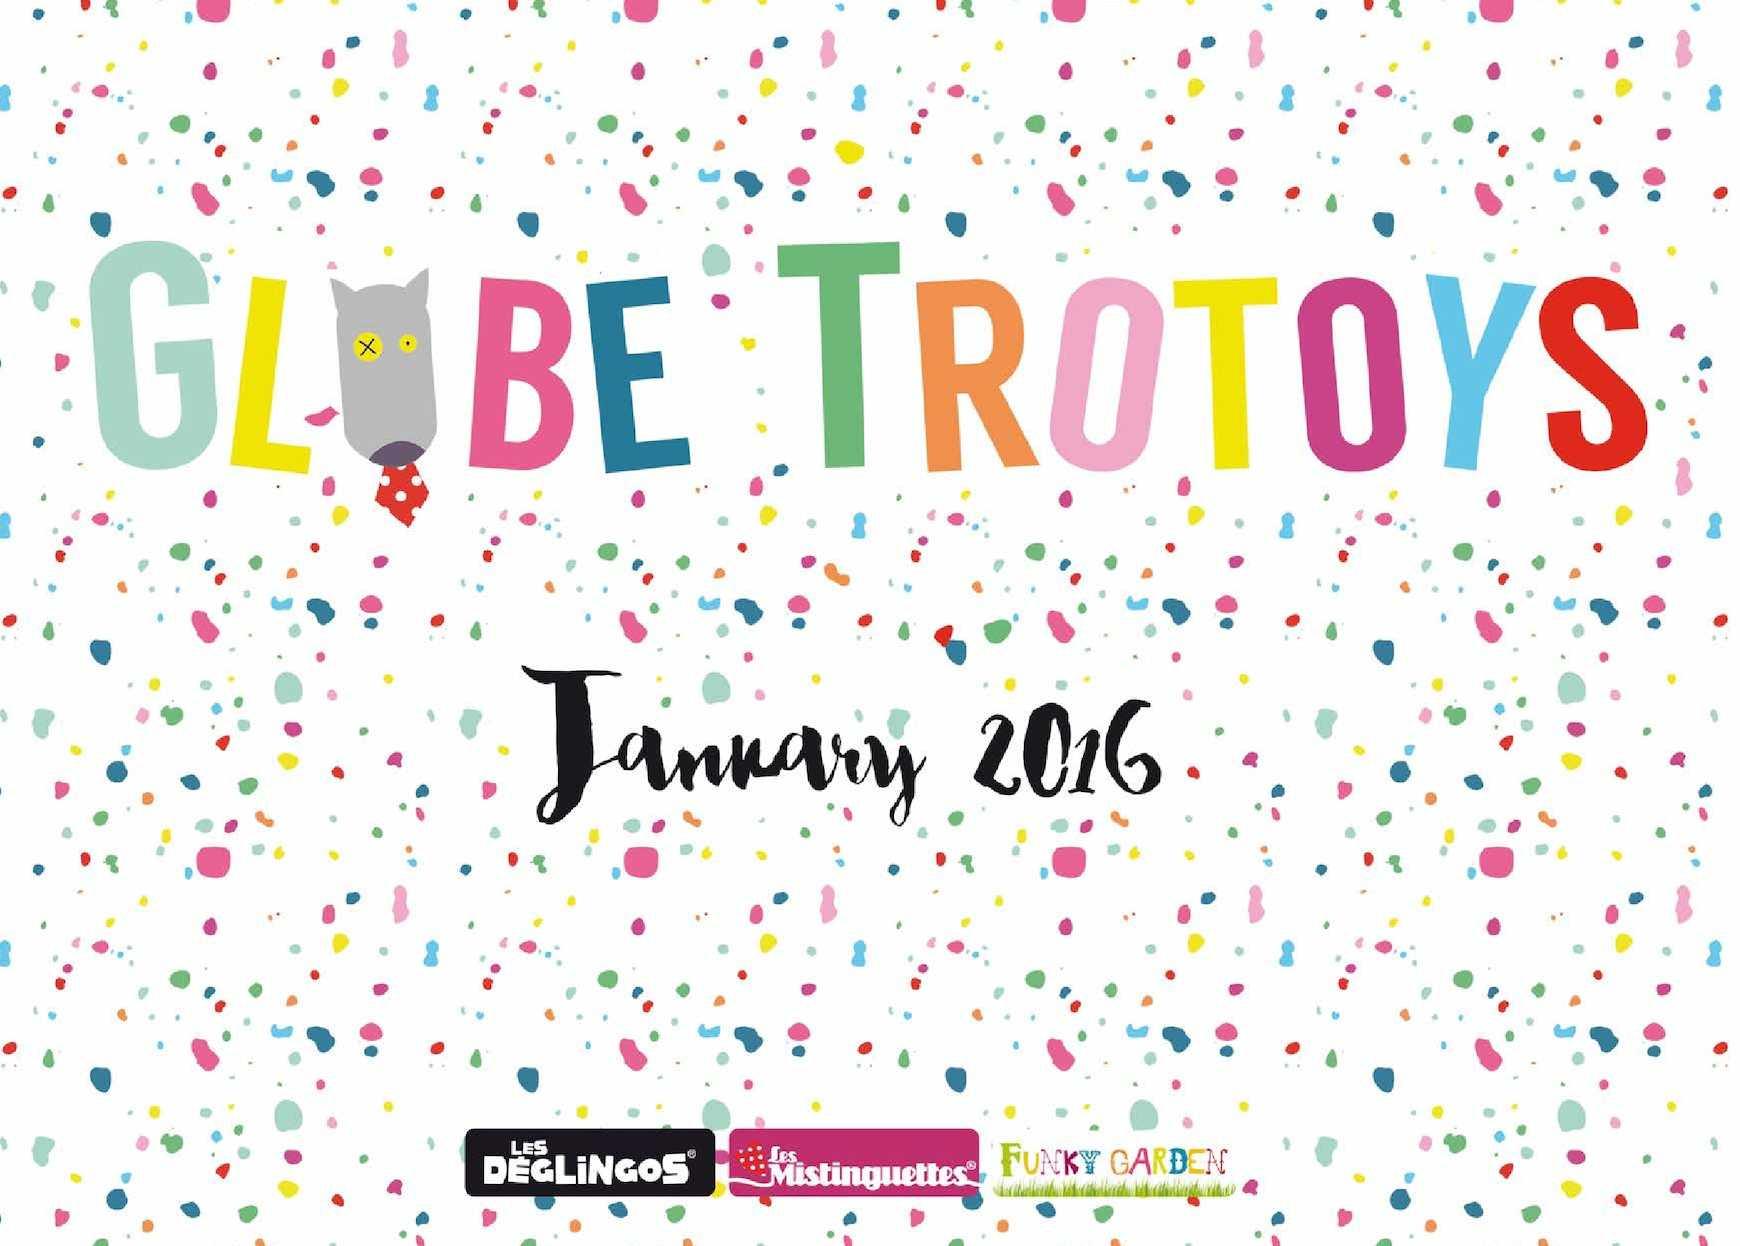 CATALOGUE GLOBE TROTOYS 2016